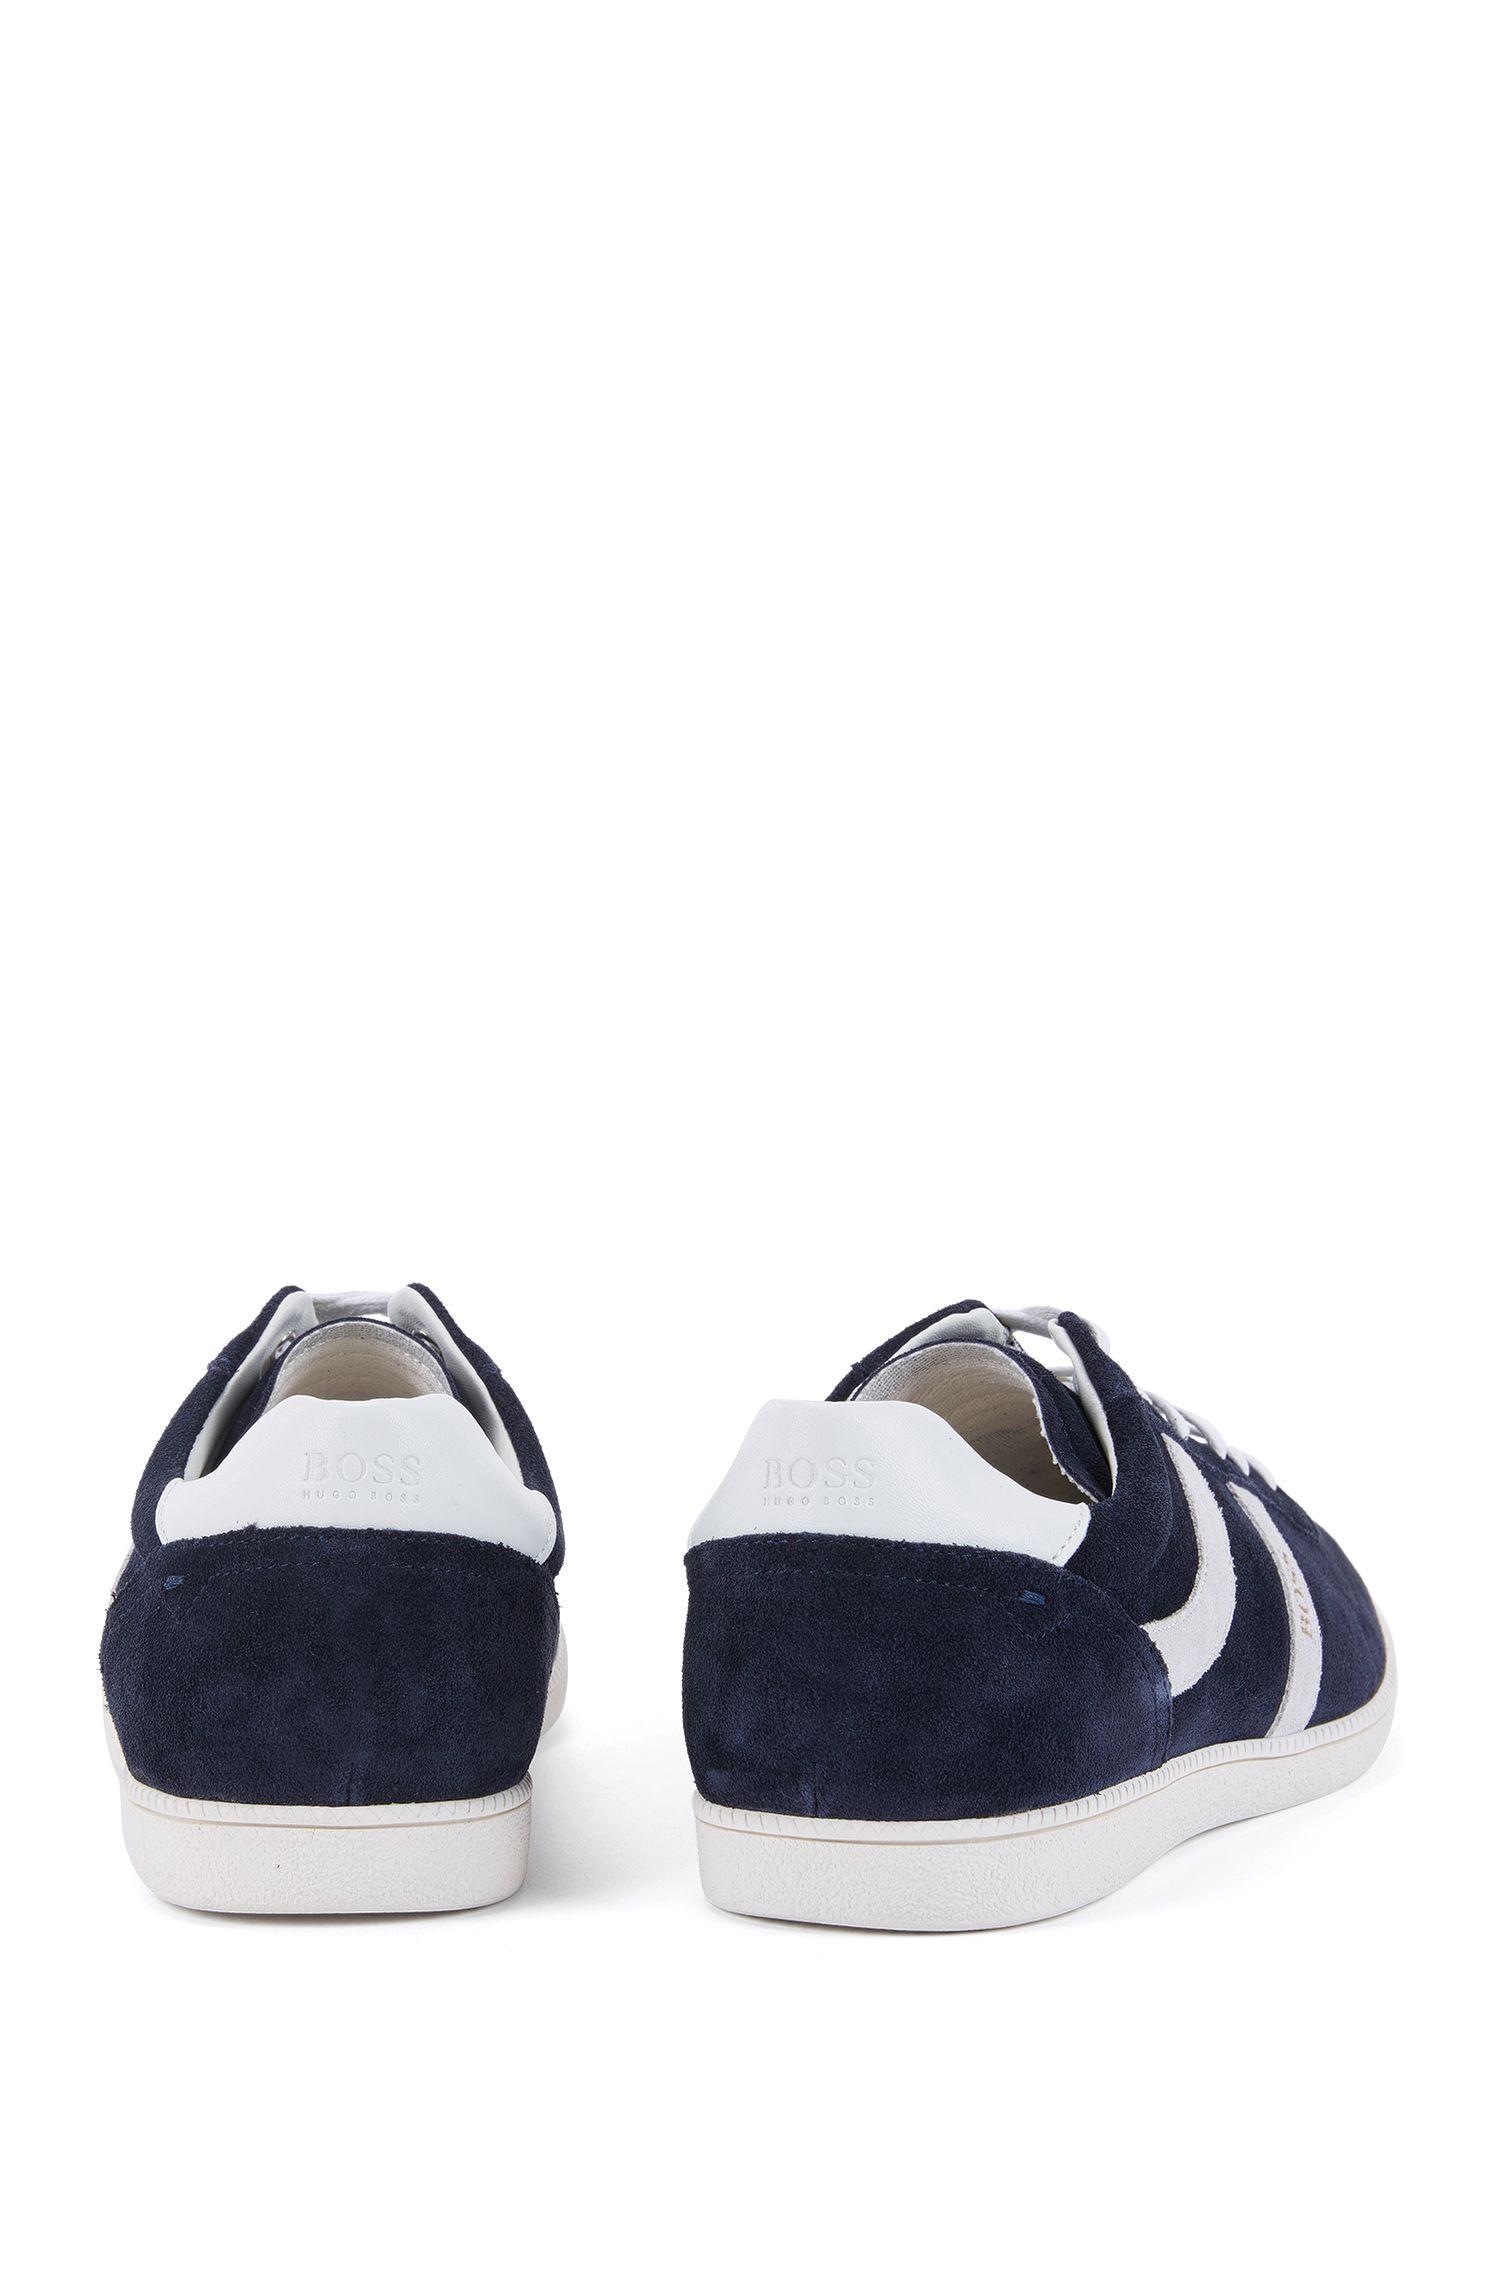 Sneakers aus Veloursleder mit seitlichen Streifen